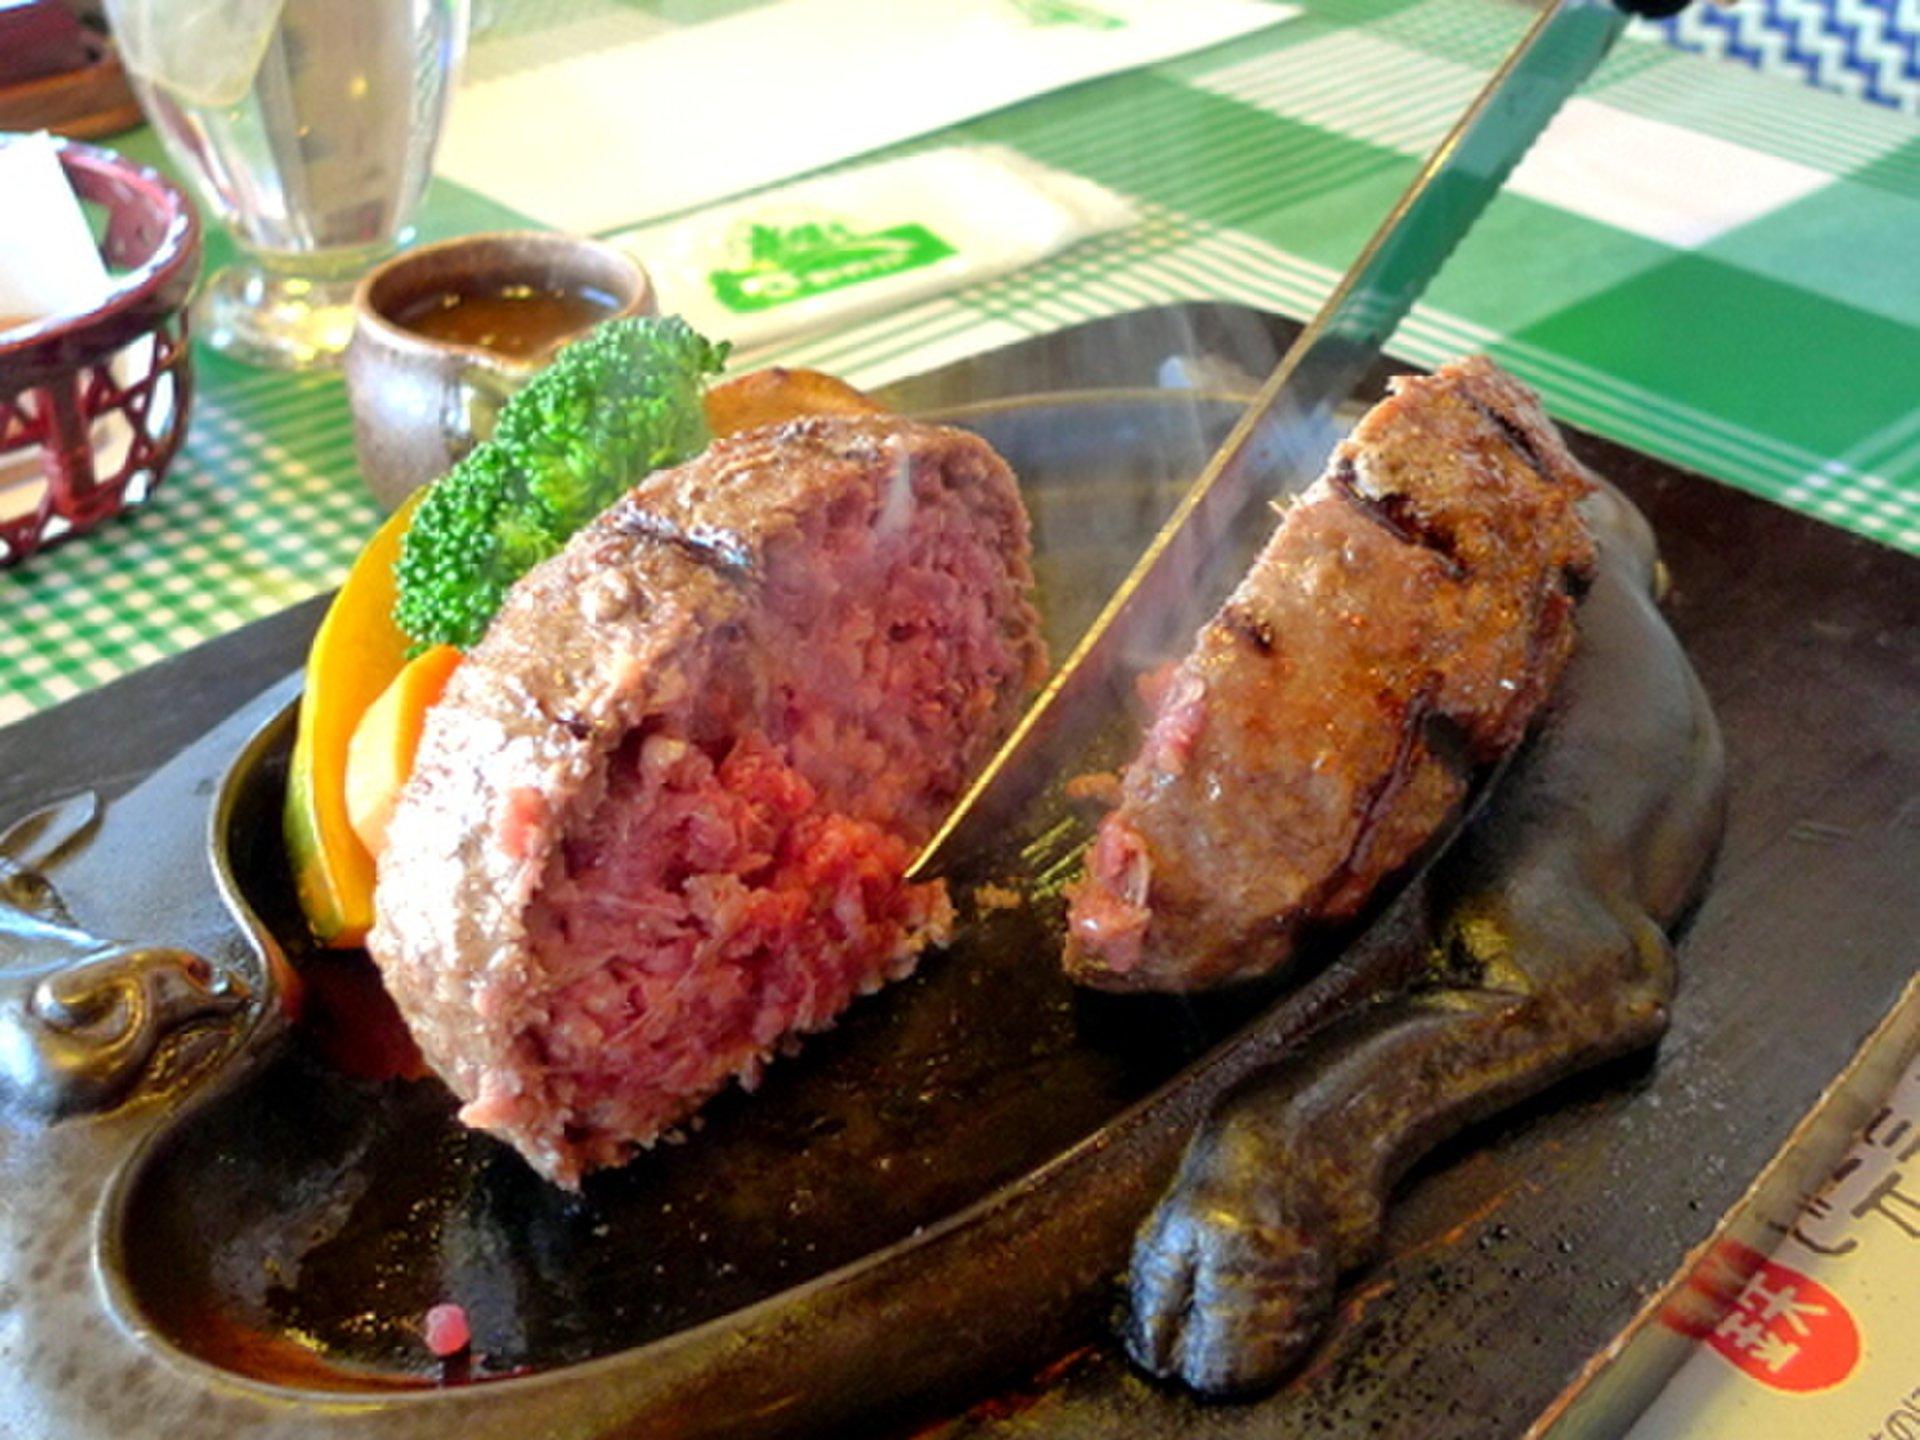 静岡で食べたい絶品ご当地グルメ10選!静岡は富士山だけじゃない!